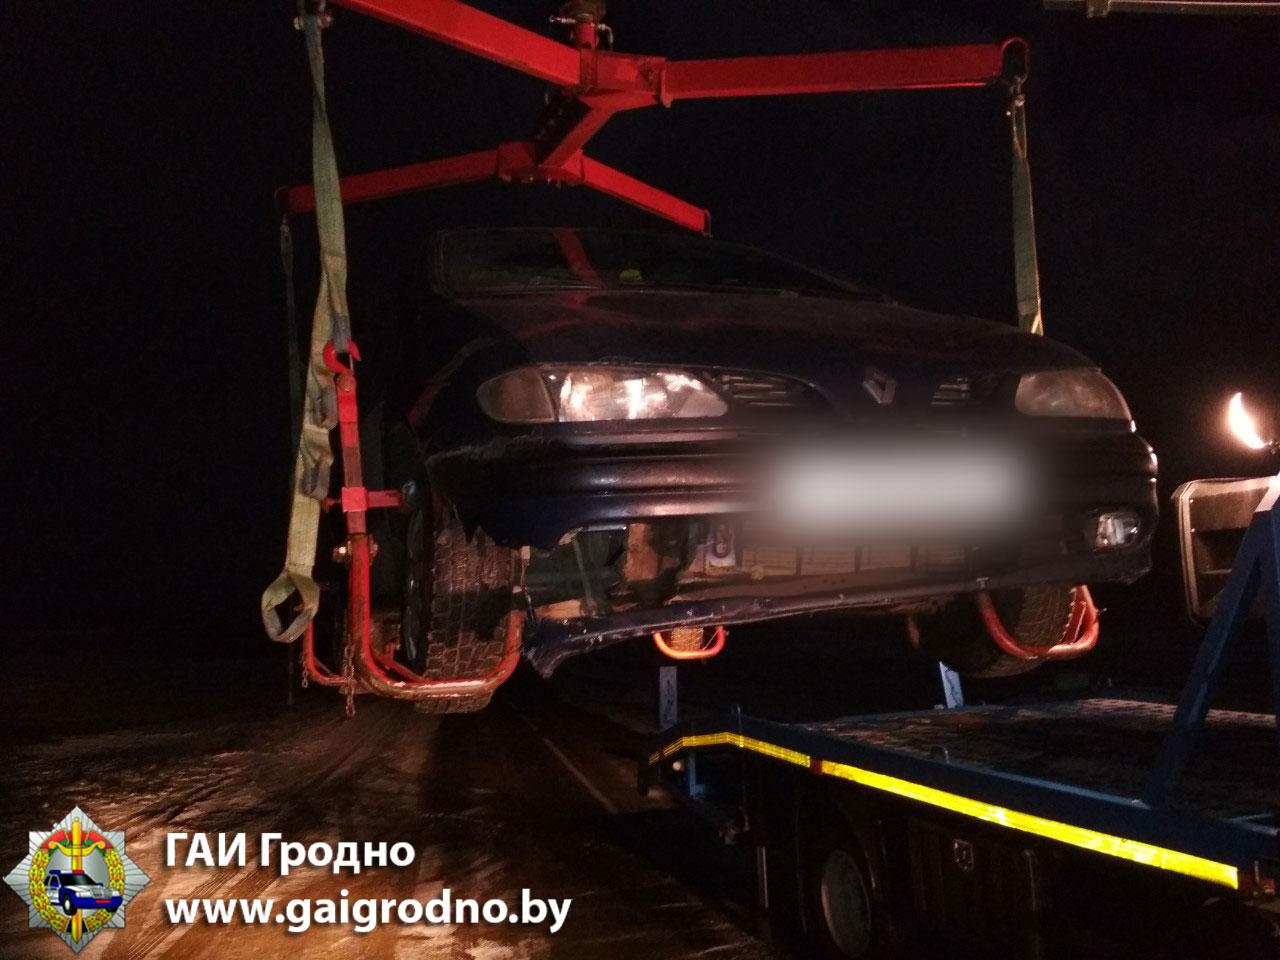 Под Гродно автомобиль переехал мужчину